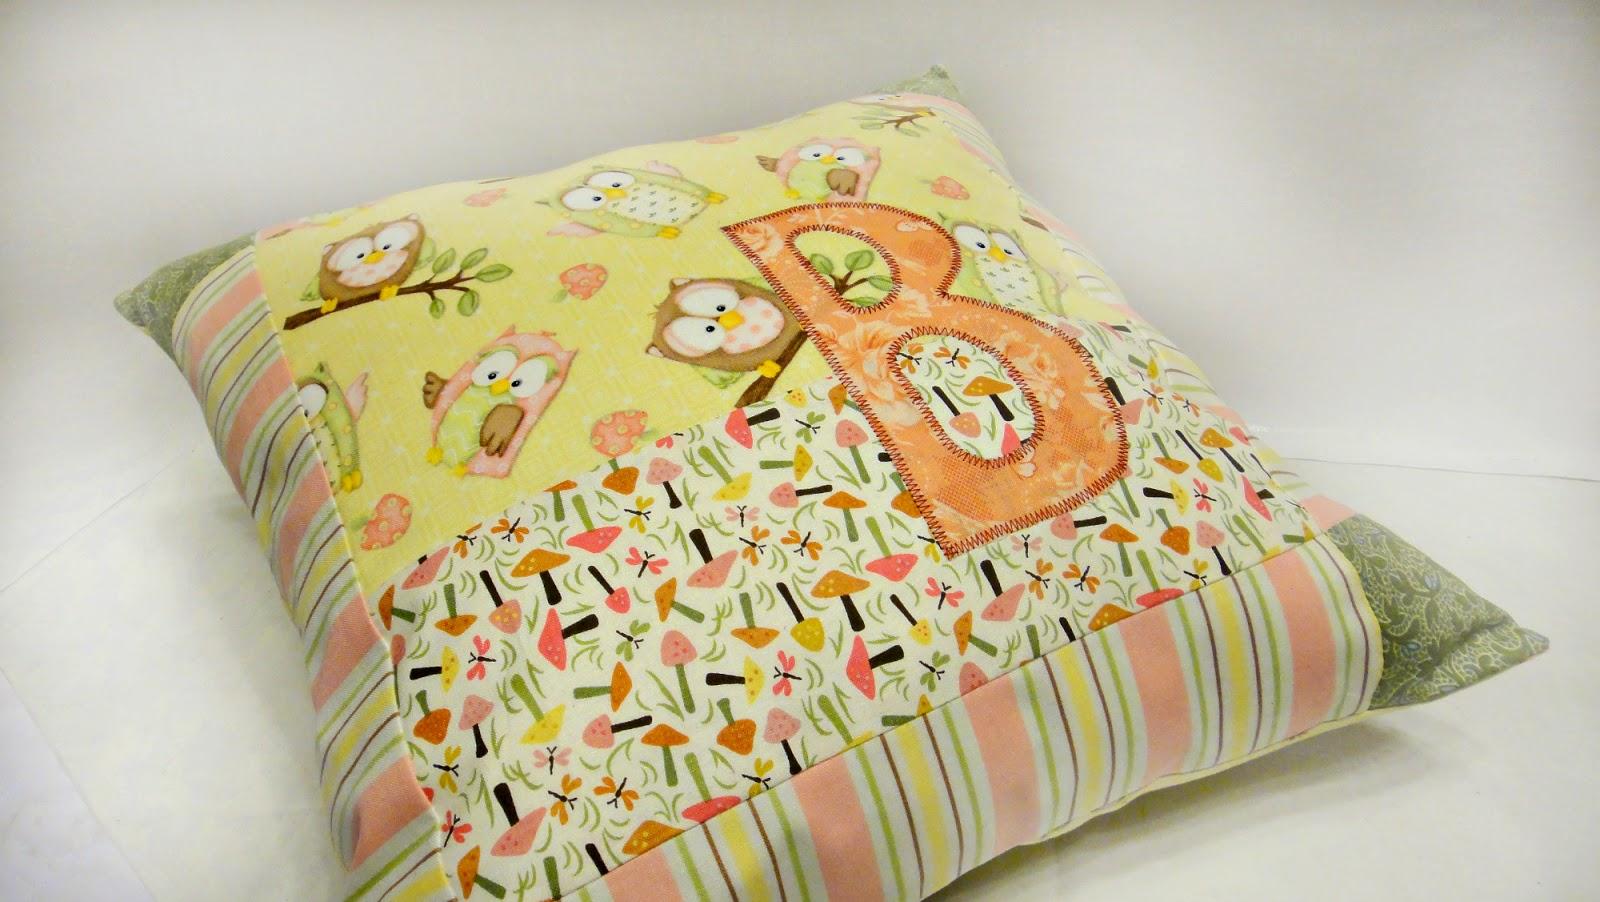 Квадратная подушка Совы, 40х40 см - диванная подушка для детской комнаты